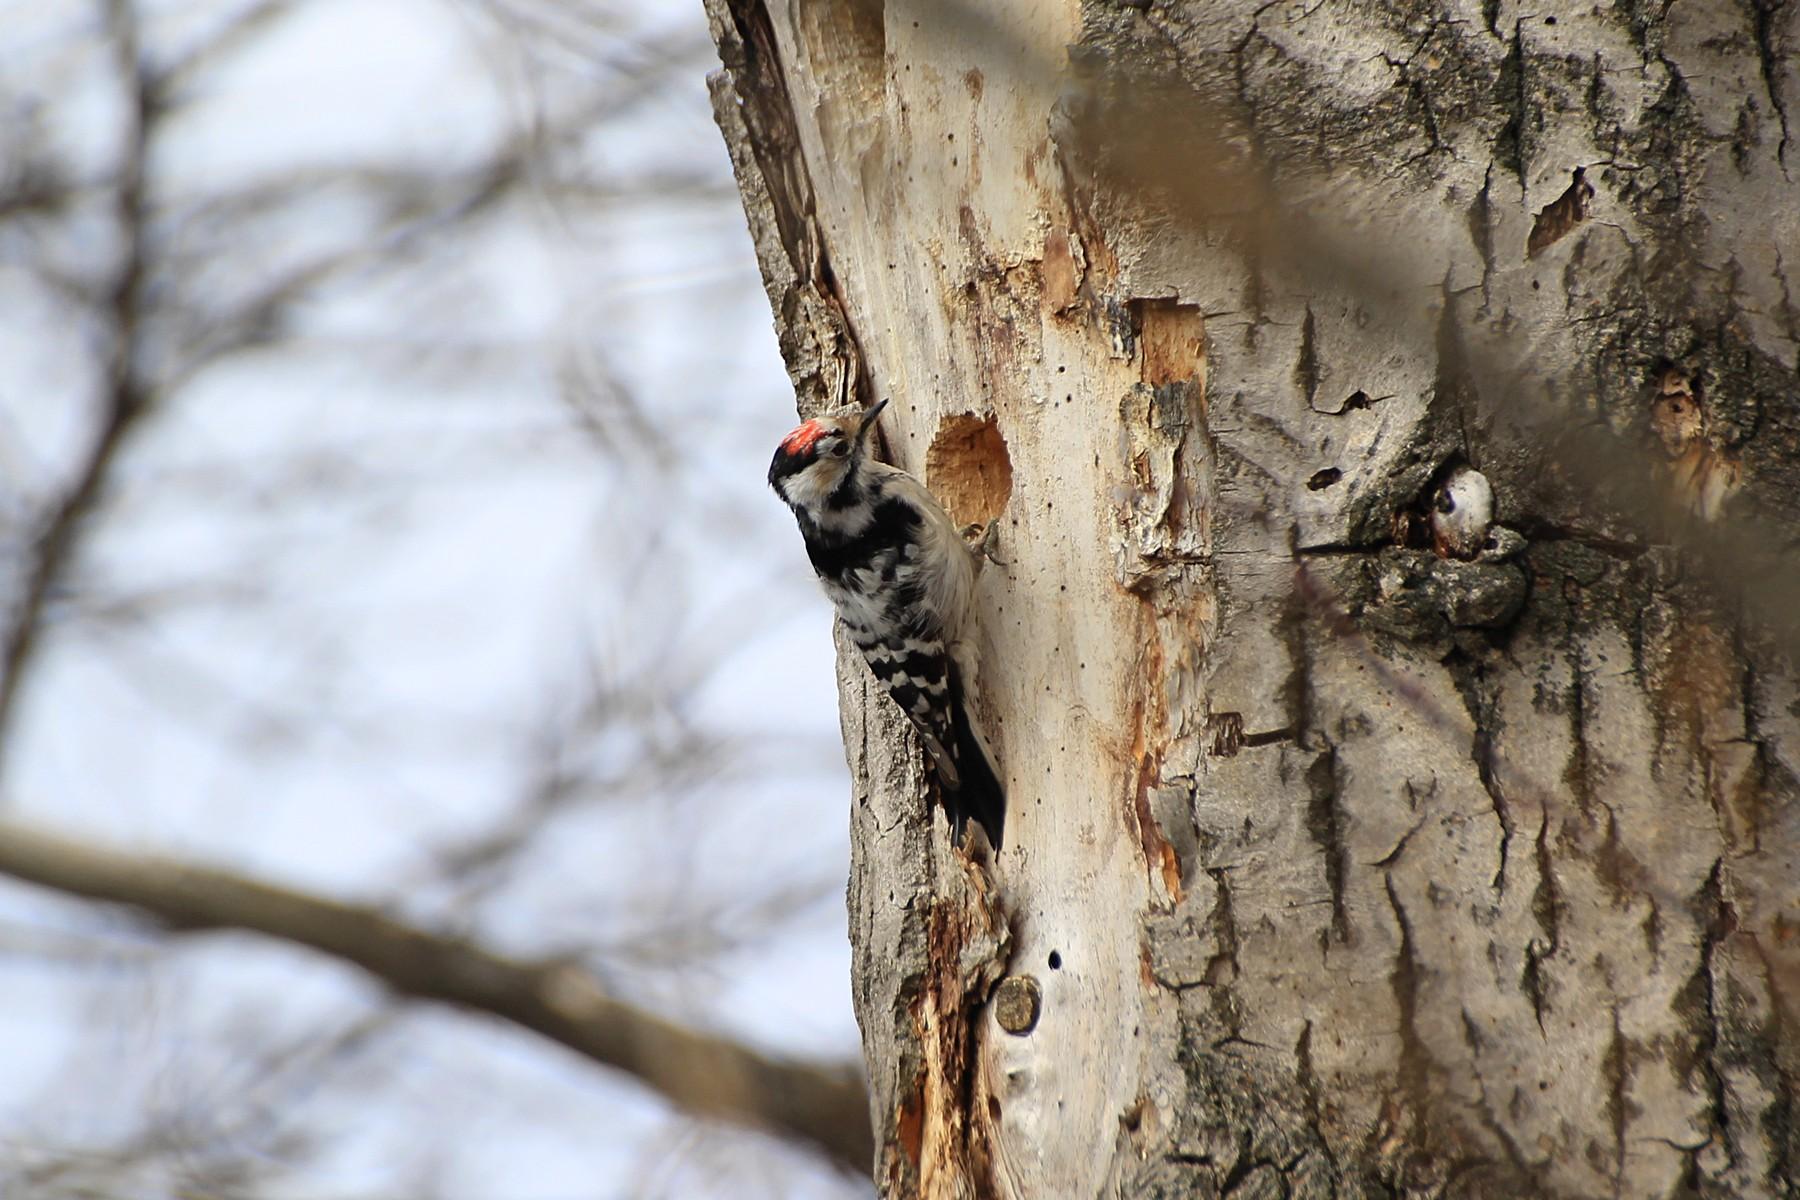 Малый пестрый дятел знает толк в старых деревьях. Фото — М.Соколов